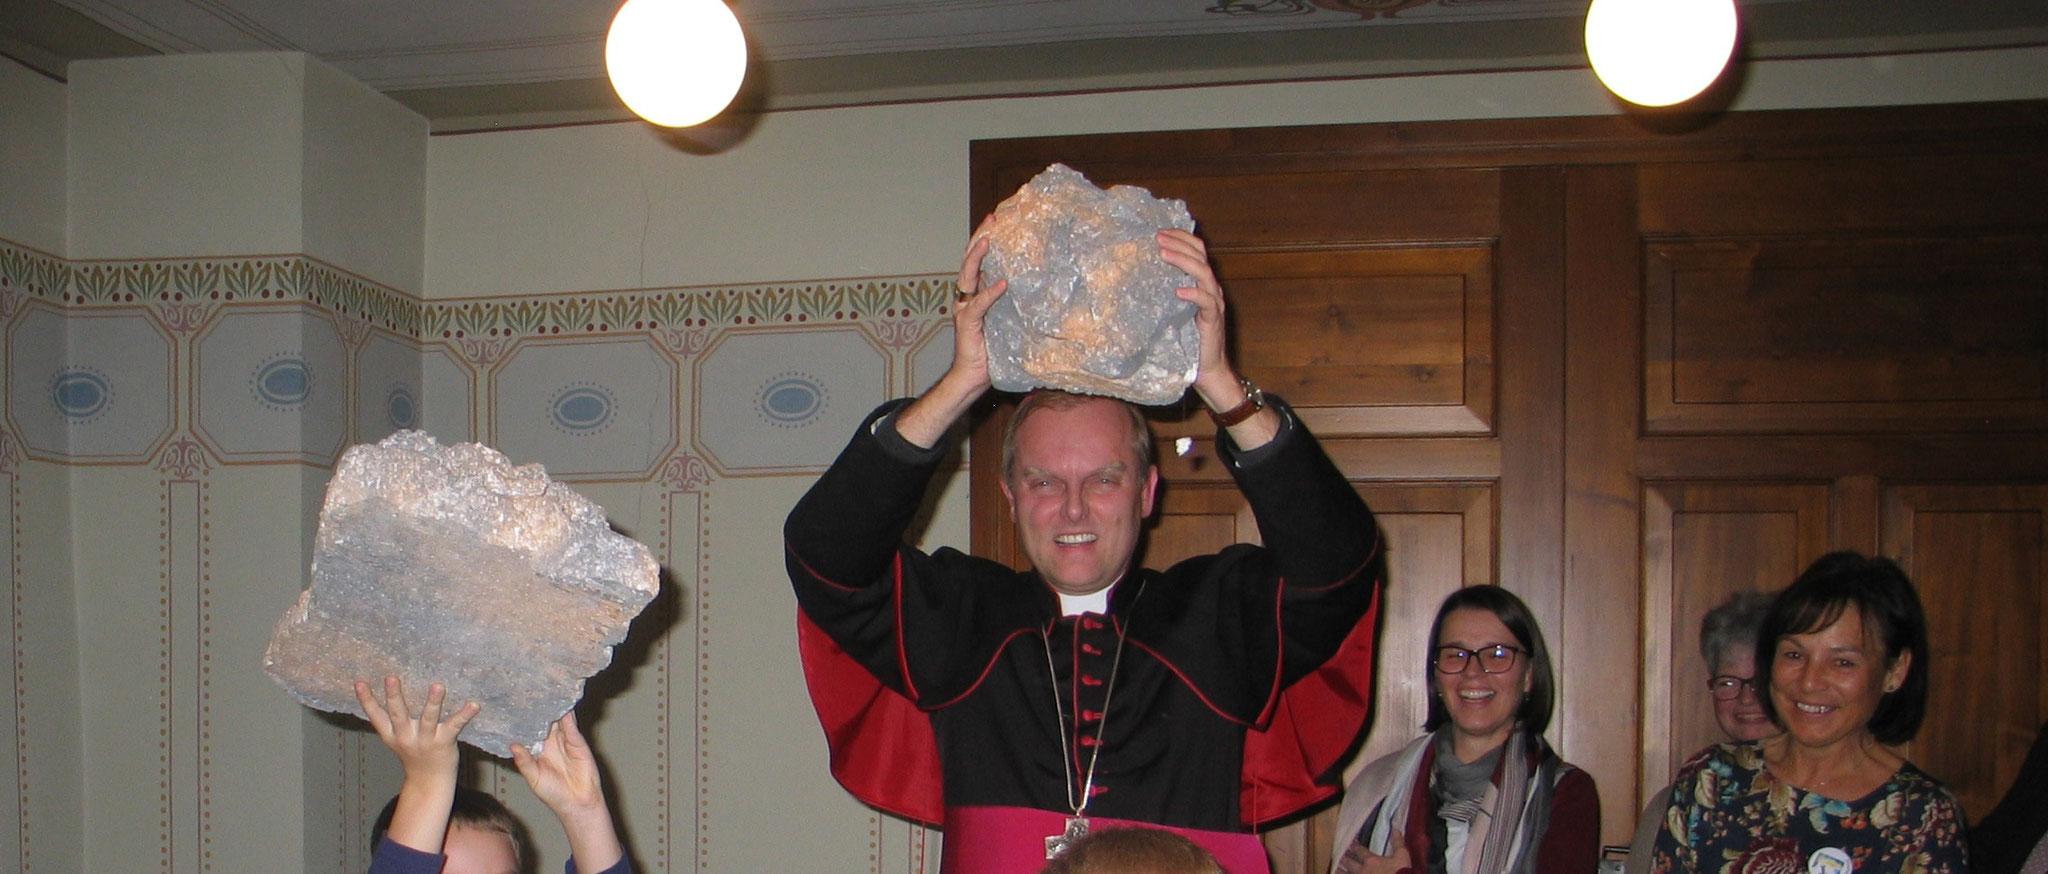 Der Weihbischof besuchte das Kinderbibeltags-Team im Ehinger Pfarrheim und fand Gefallen an den Steinen aus der Jakobsgeschichte